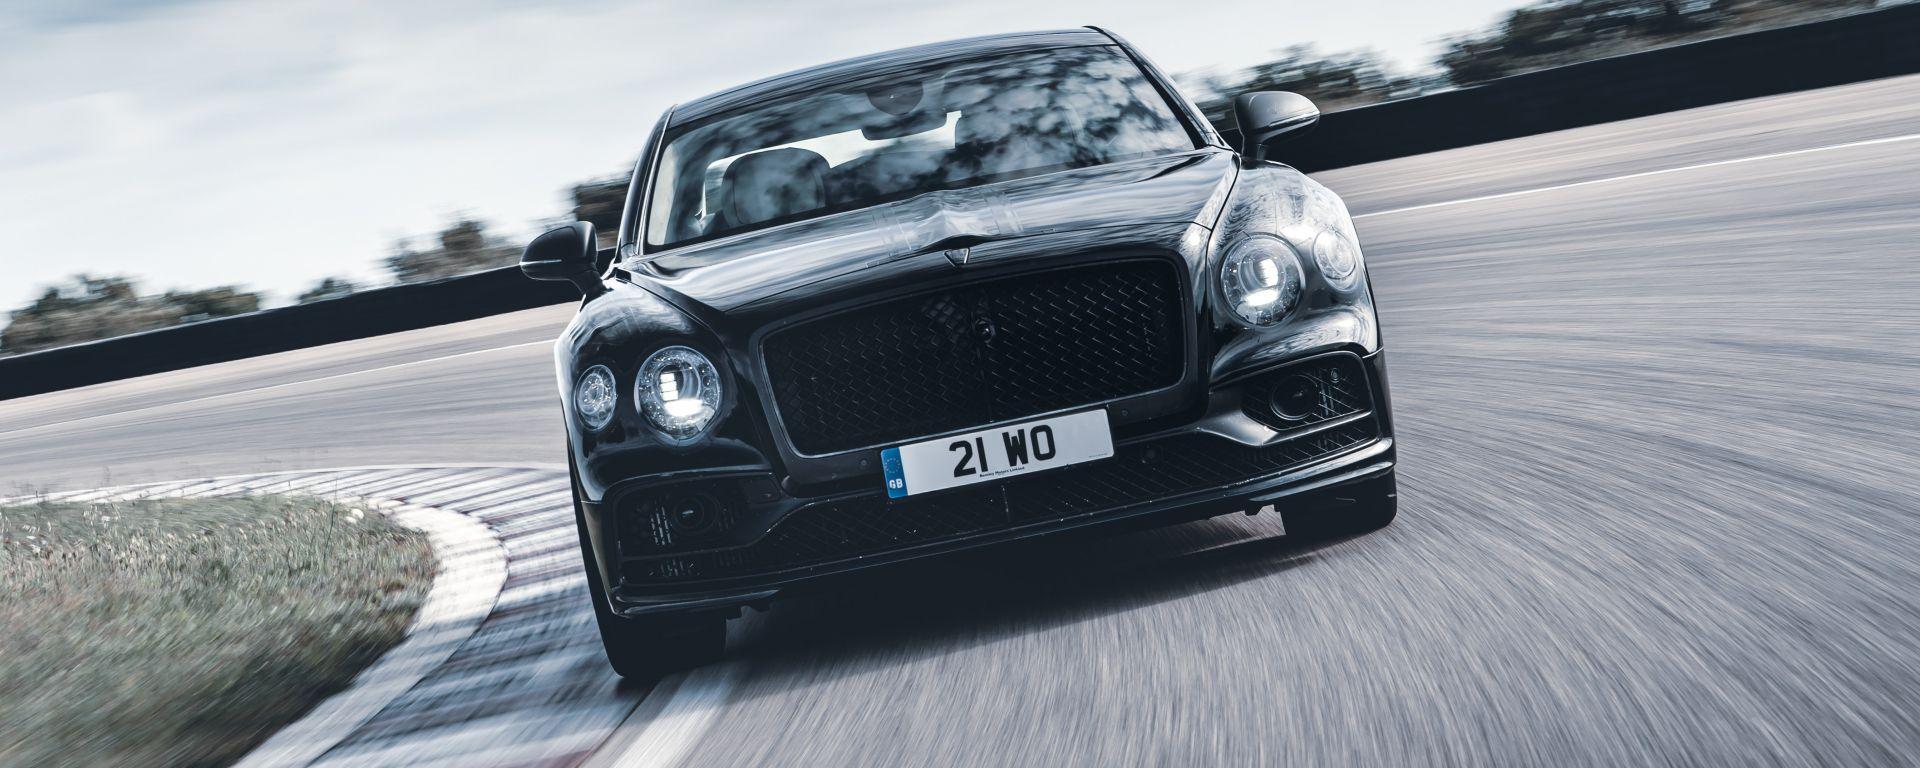 La nuova Bentley Flying Spur, una berlina prestazionale